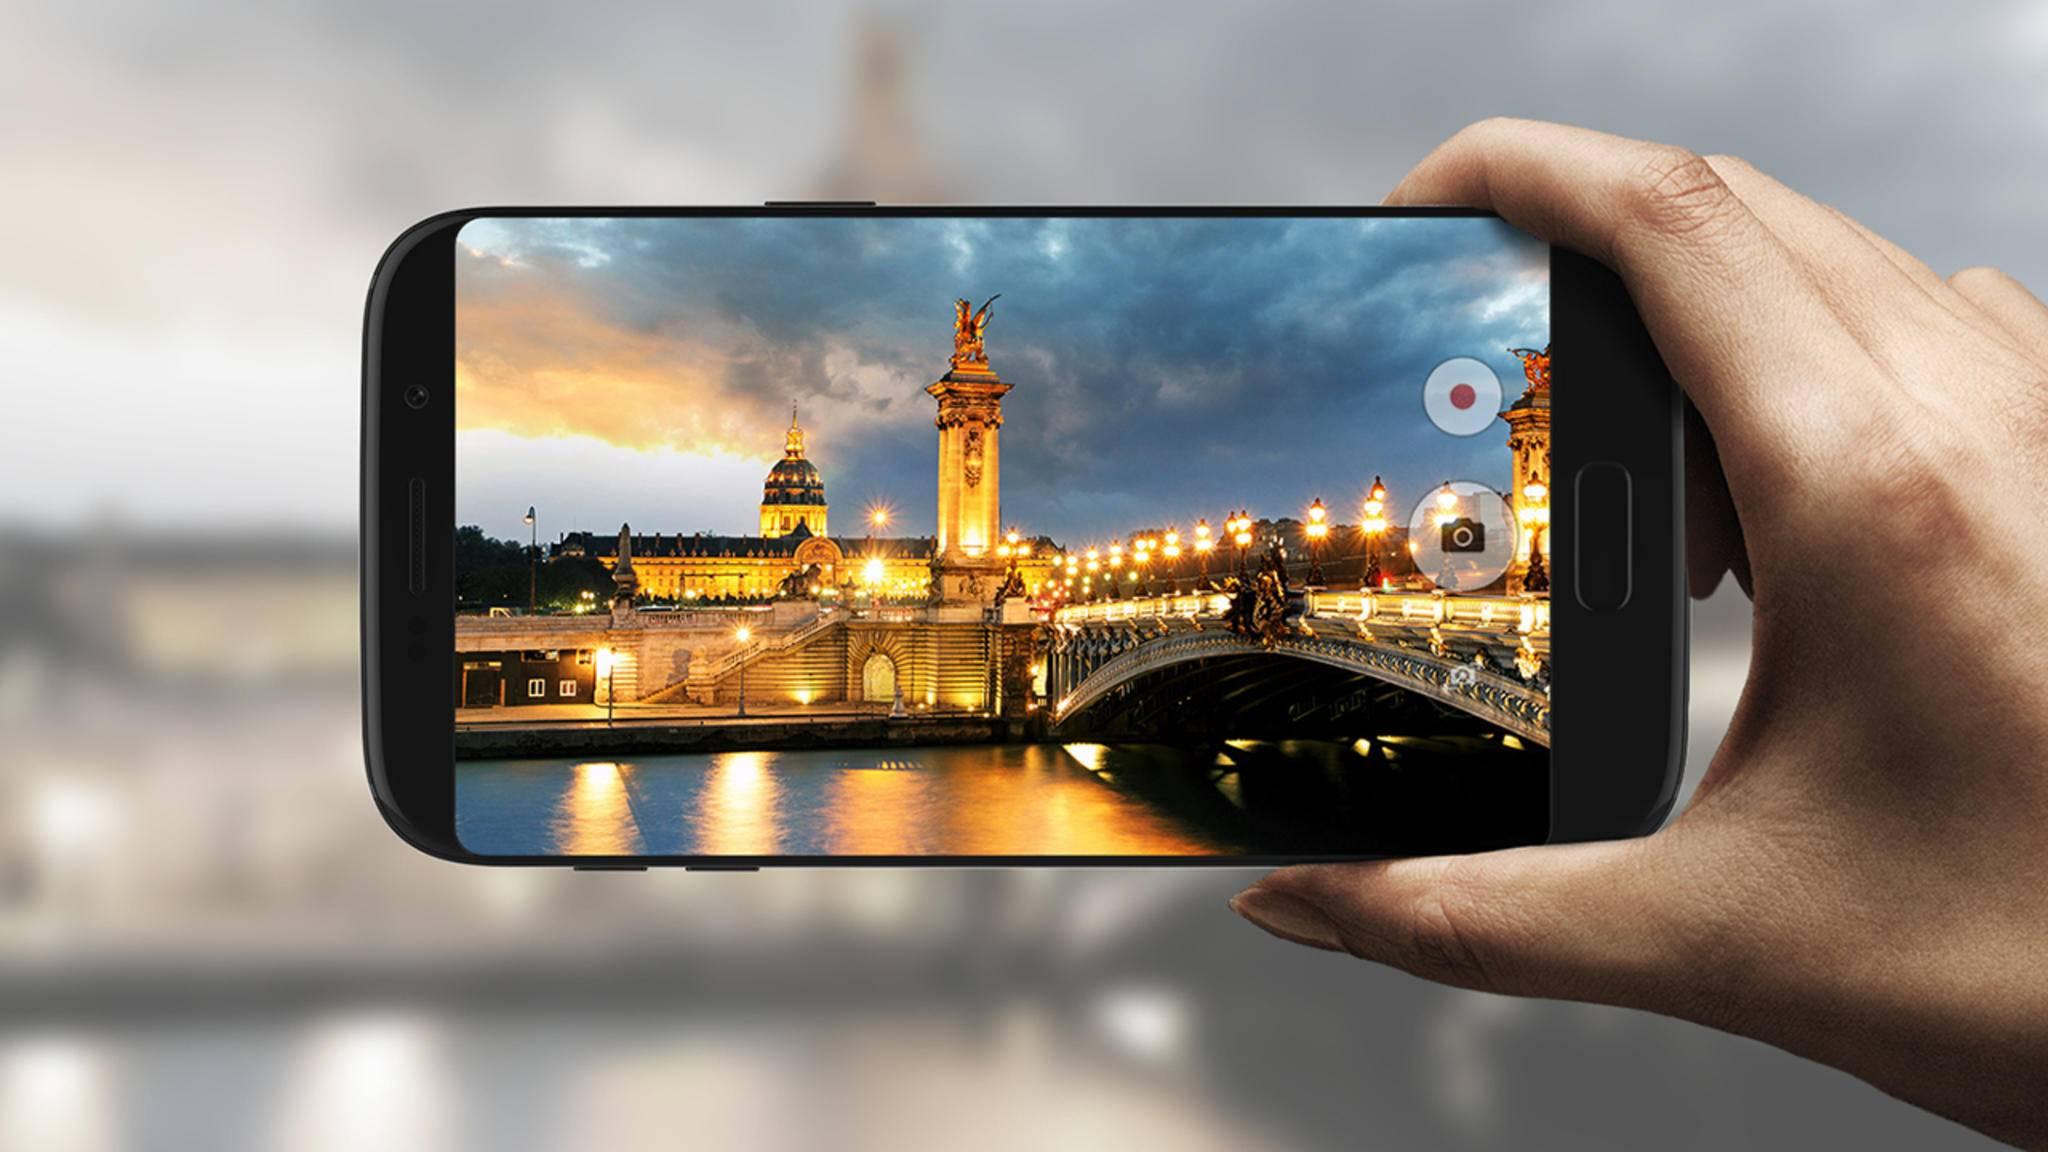 Neben dem Snapdragon 835 könnte das Galaxy S8 in einigen Ländern mit neuem 9er-Exynos-Chip ausgeliefert werden.